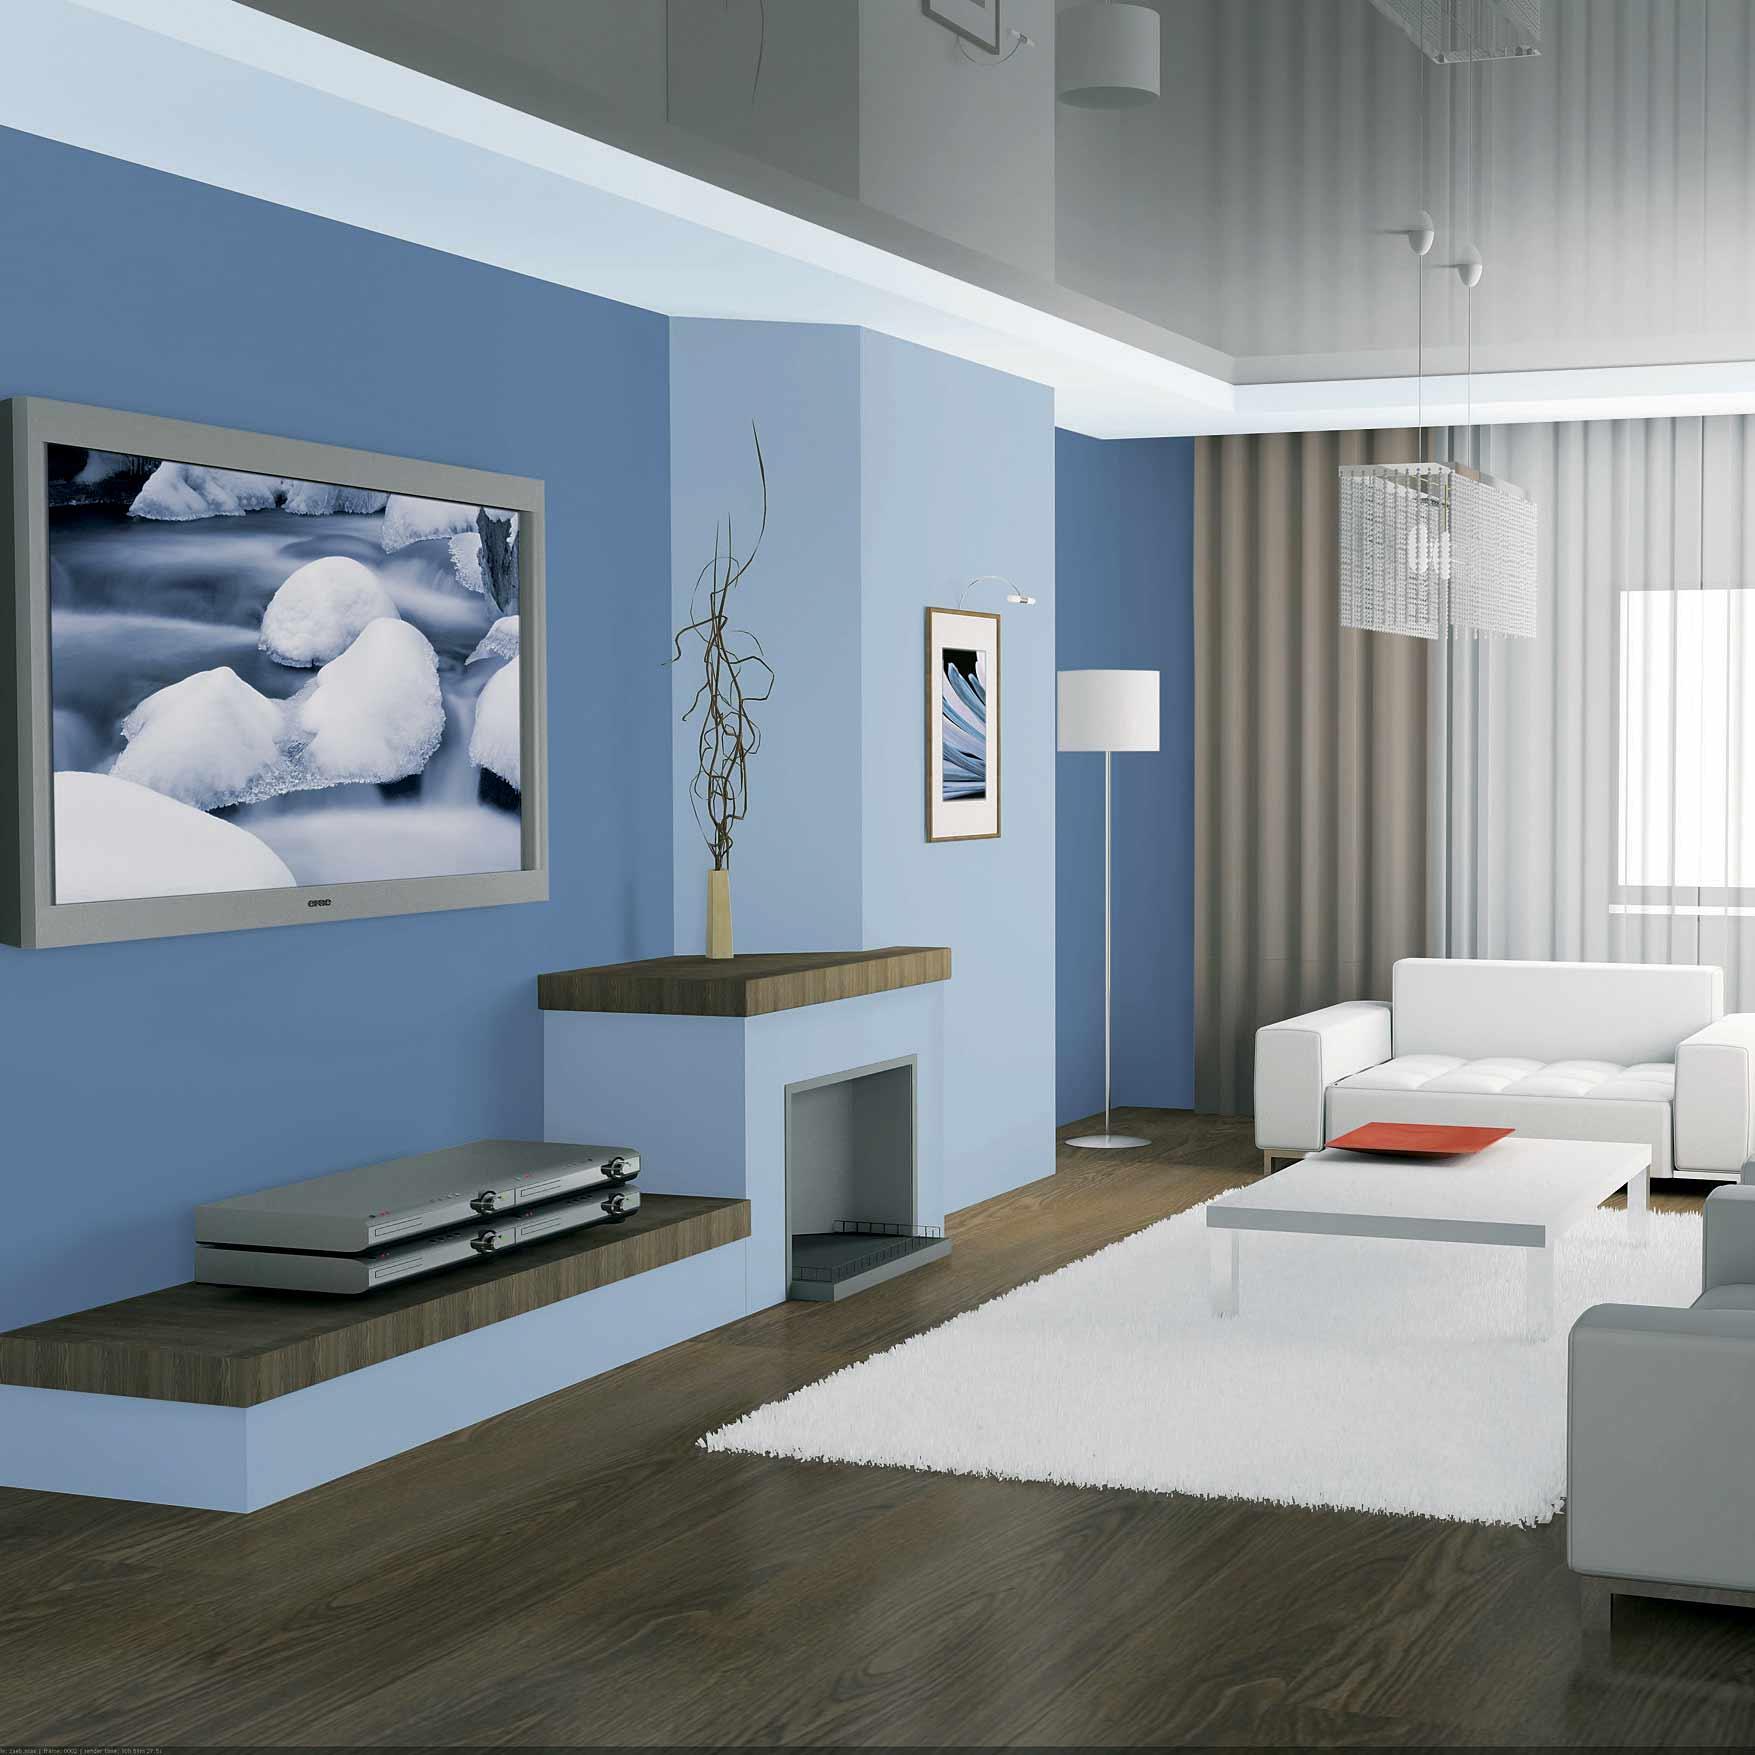 Inšpirácia: biela◦drevo◦farby◦helios◦hnedá◦koža◦modrá◦obývacia izba